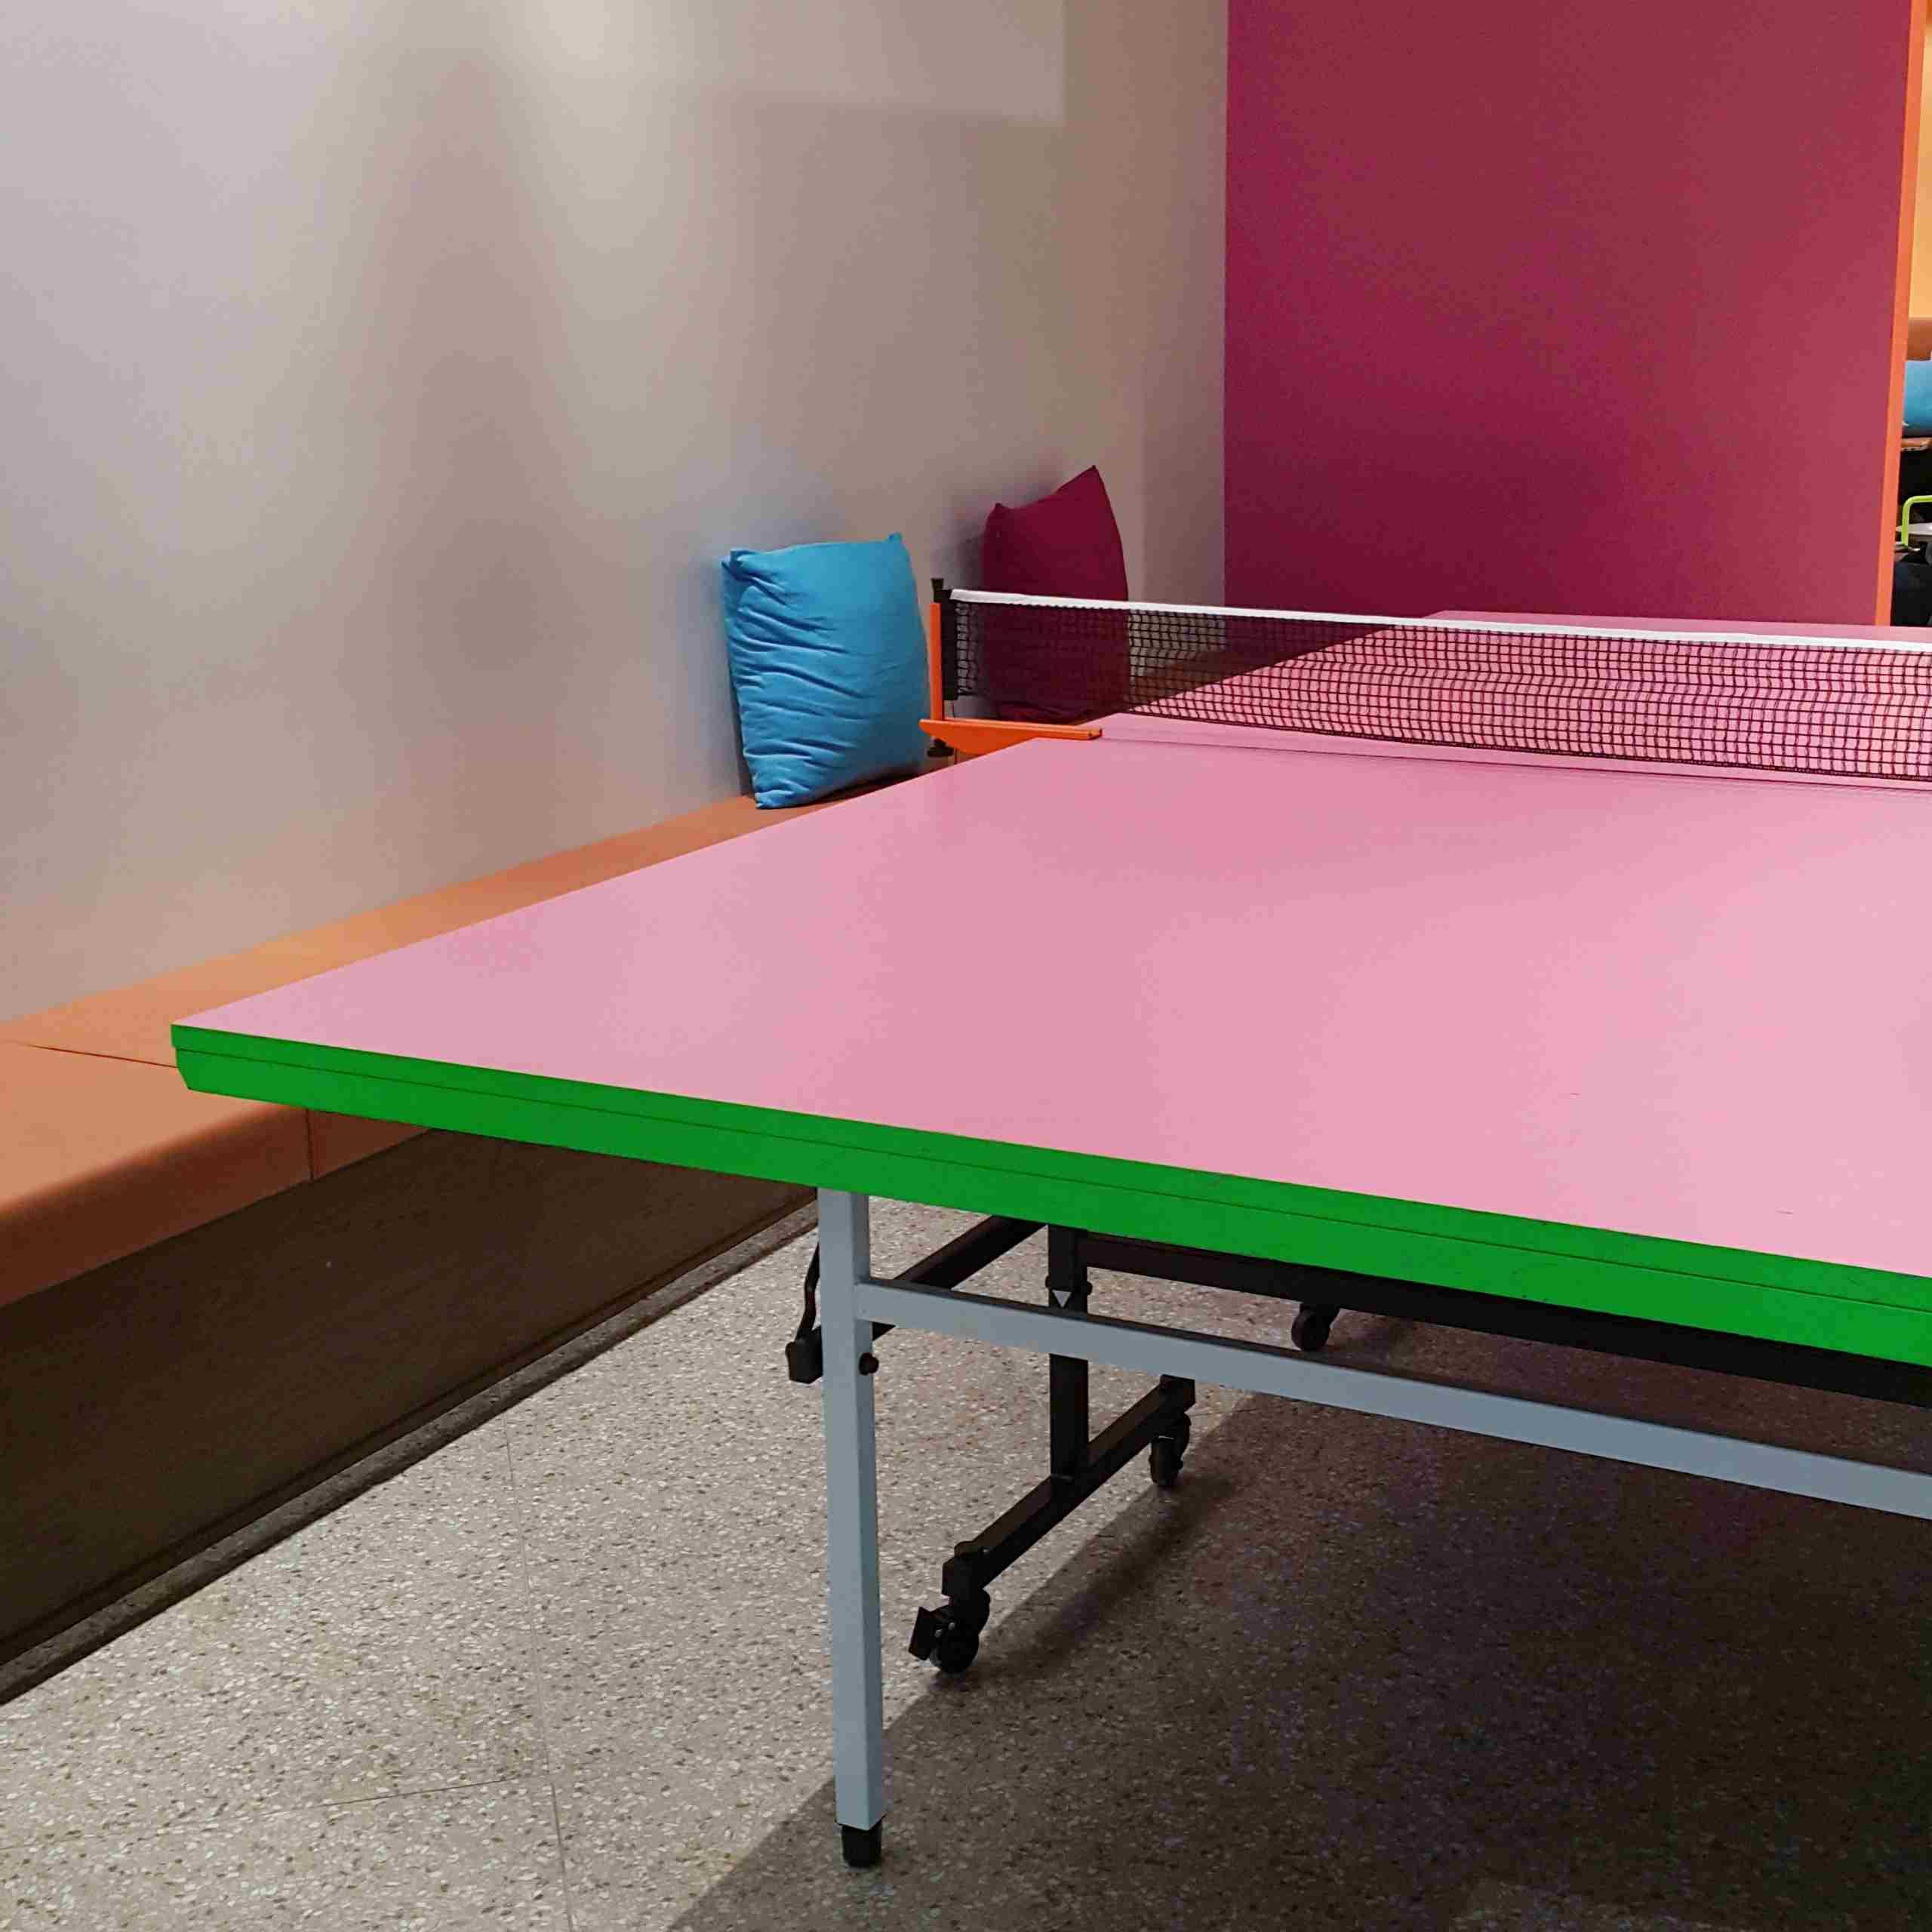 最特別的是!這裏竟然有一張粉紅色的乒乓球桌!吃飽飽了還可以做運動減低罪惡感(X)